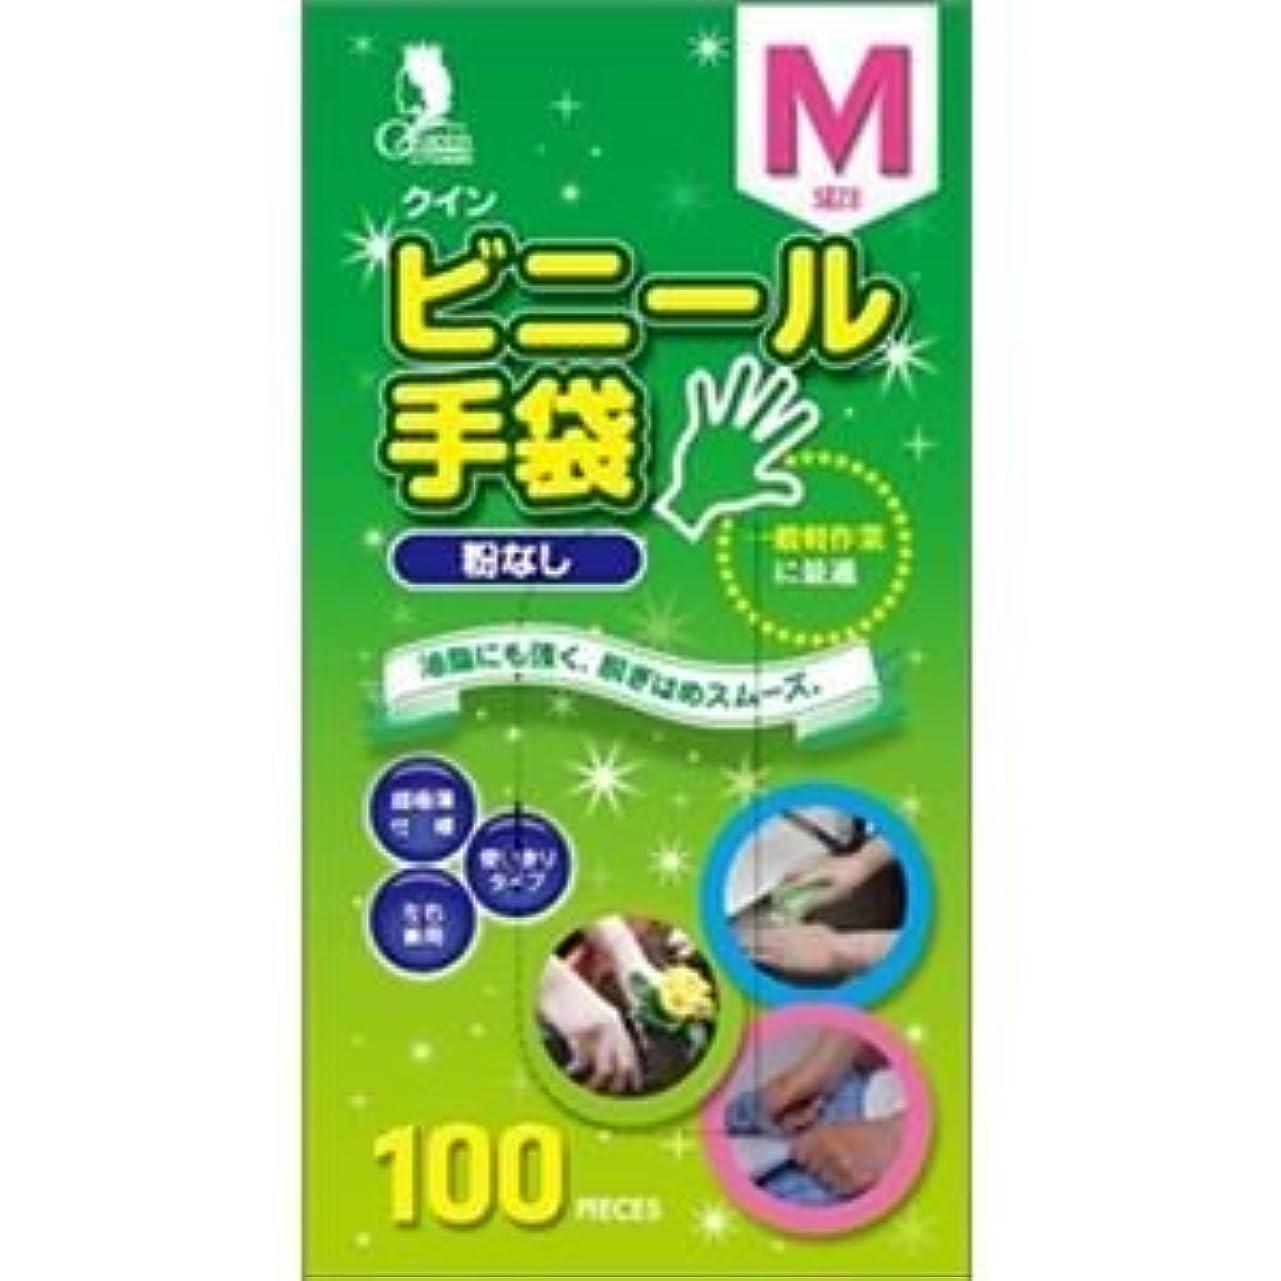 バーマドバン図書館(まとめ)宇都宮製作 クインビニール手袋100枚入 M (N) 【×3点セット】